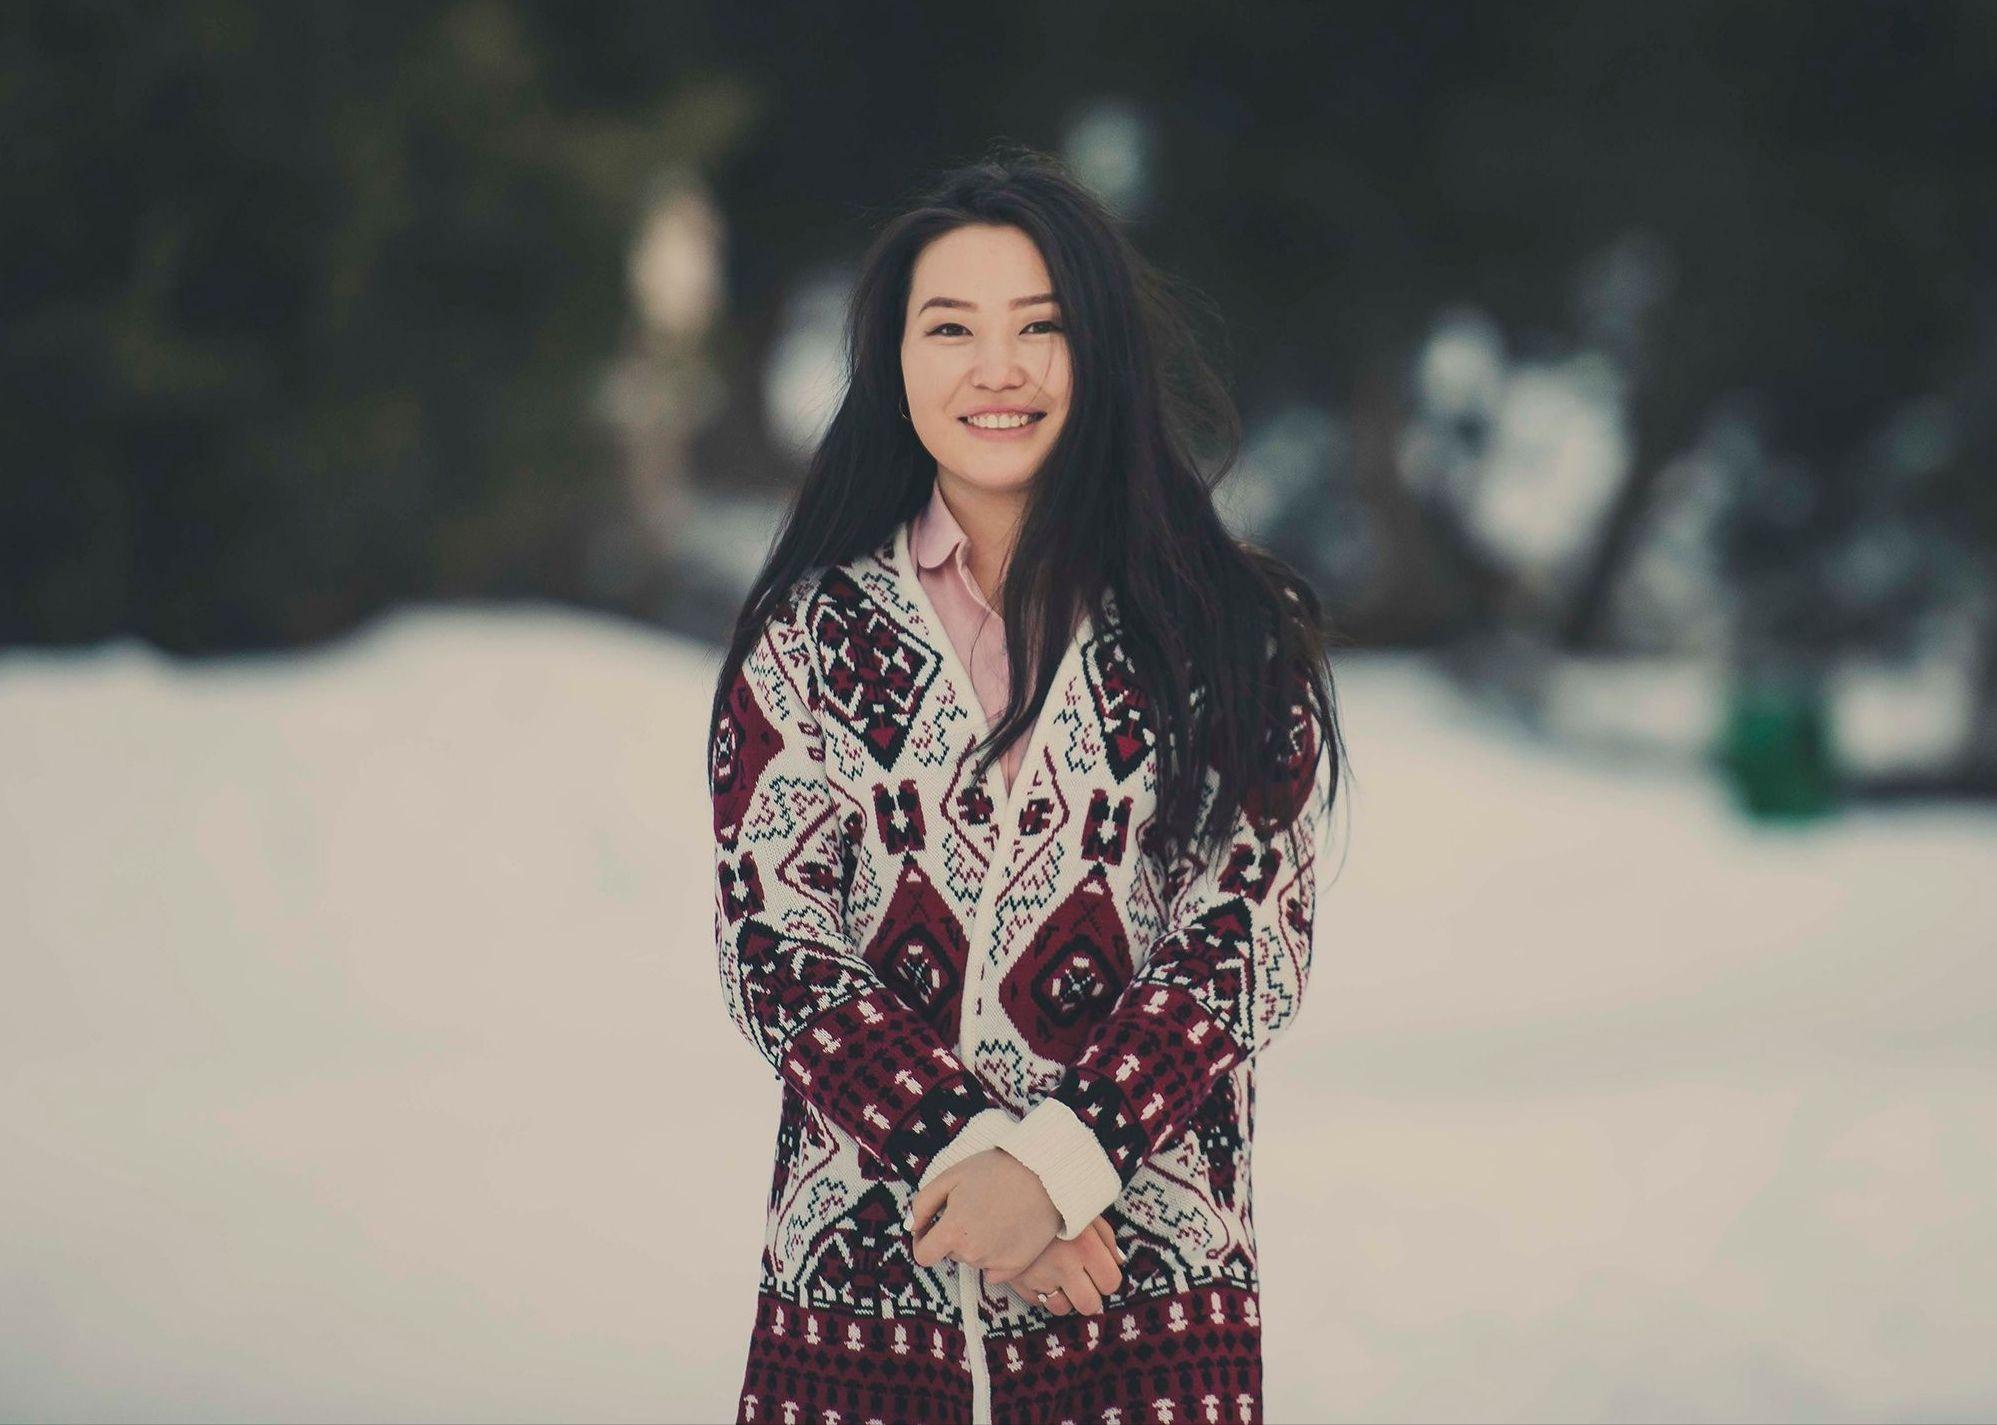 киргизка девушка на фото фото секса